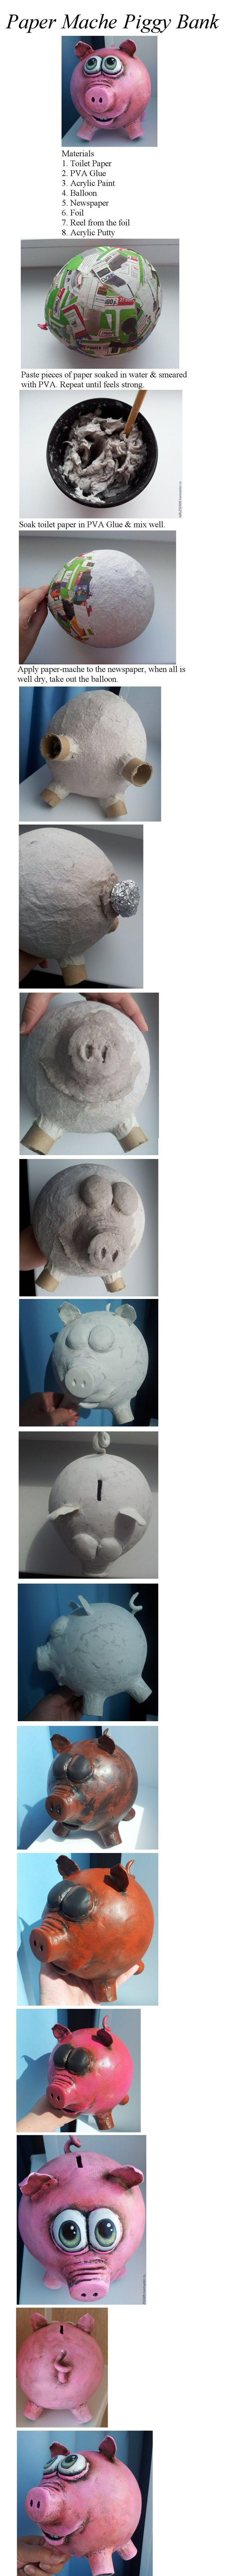 Paper Mache Pig                                                                                                                                                      More